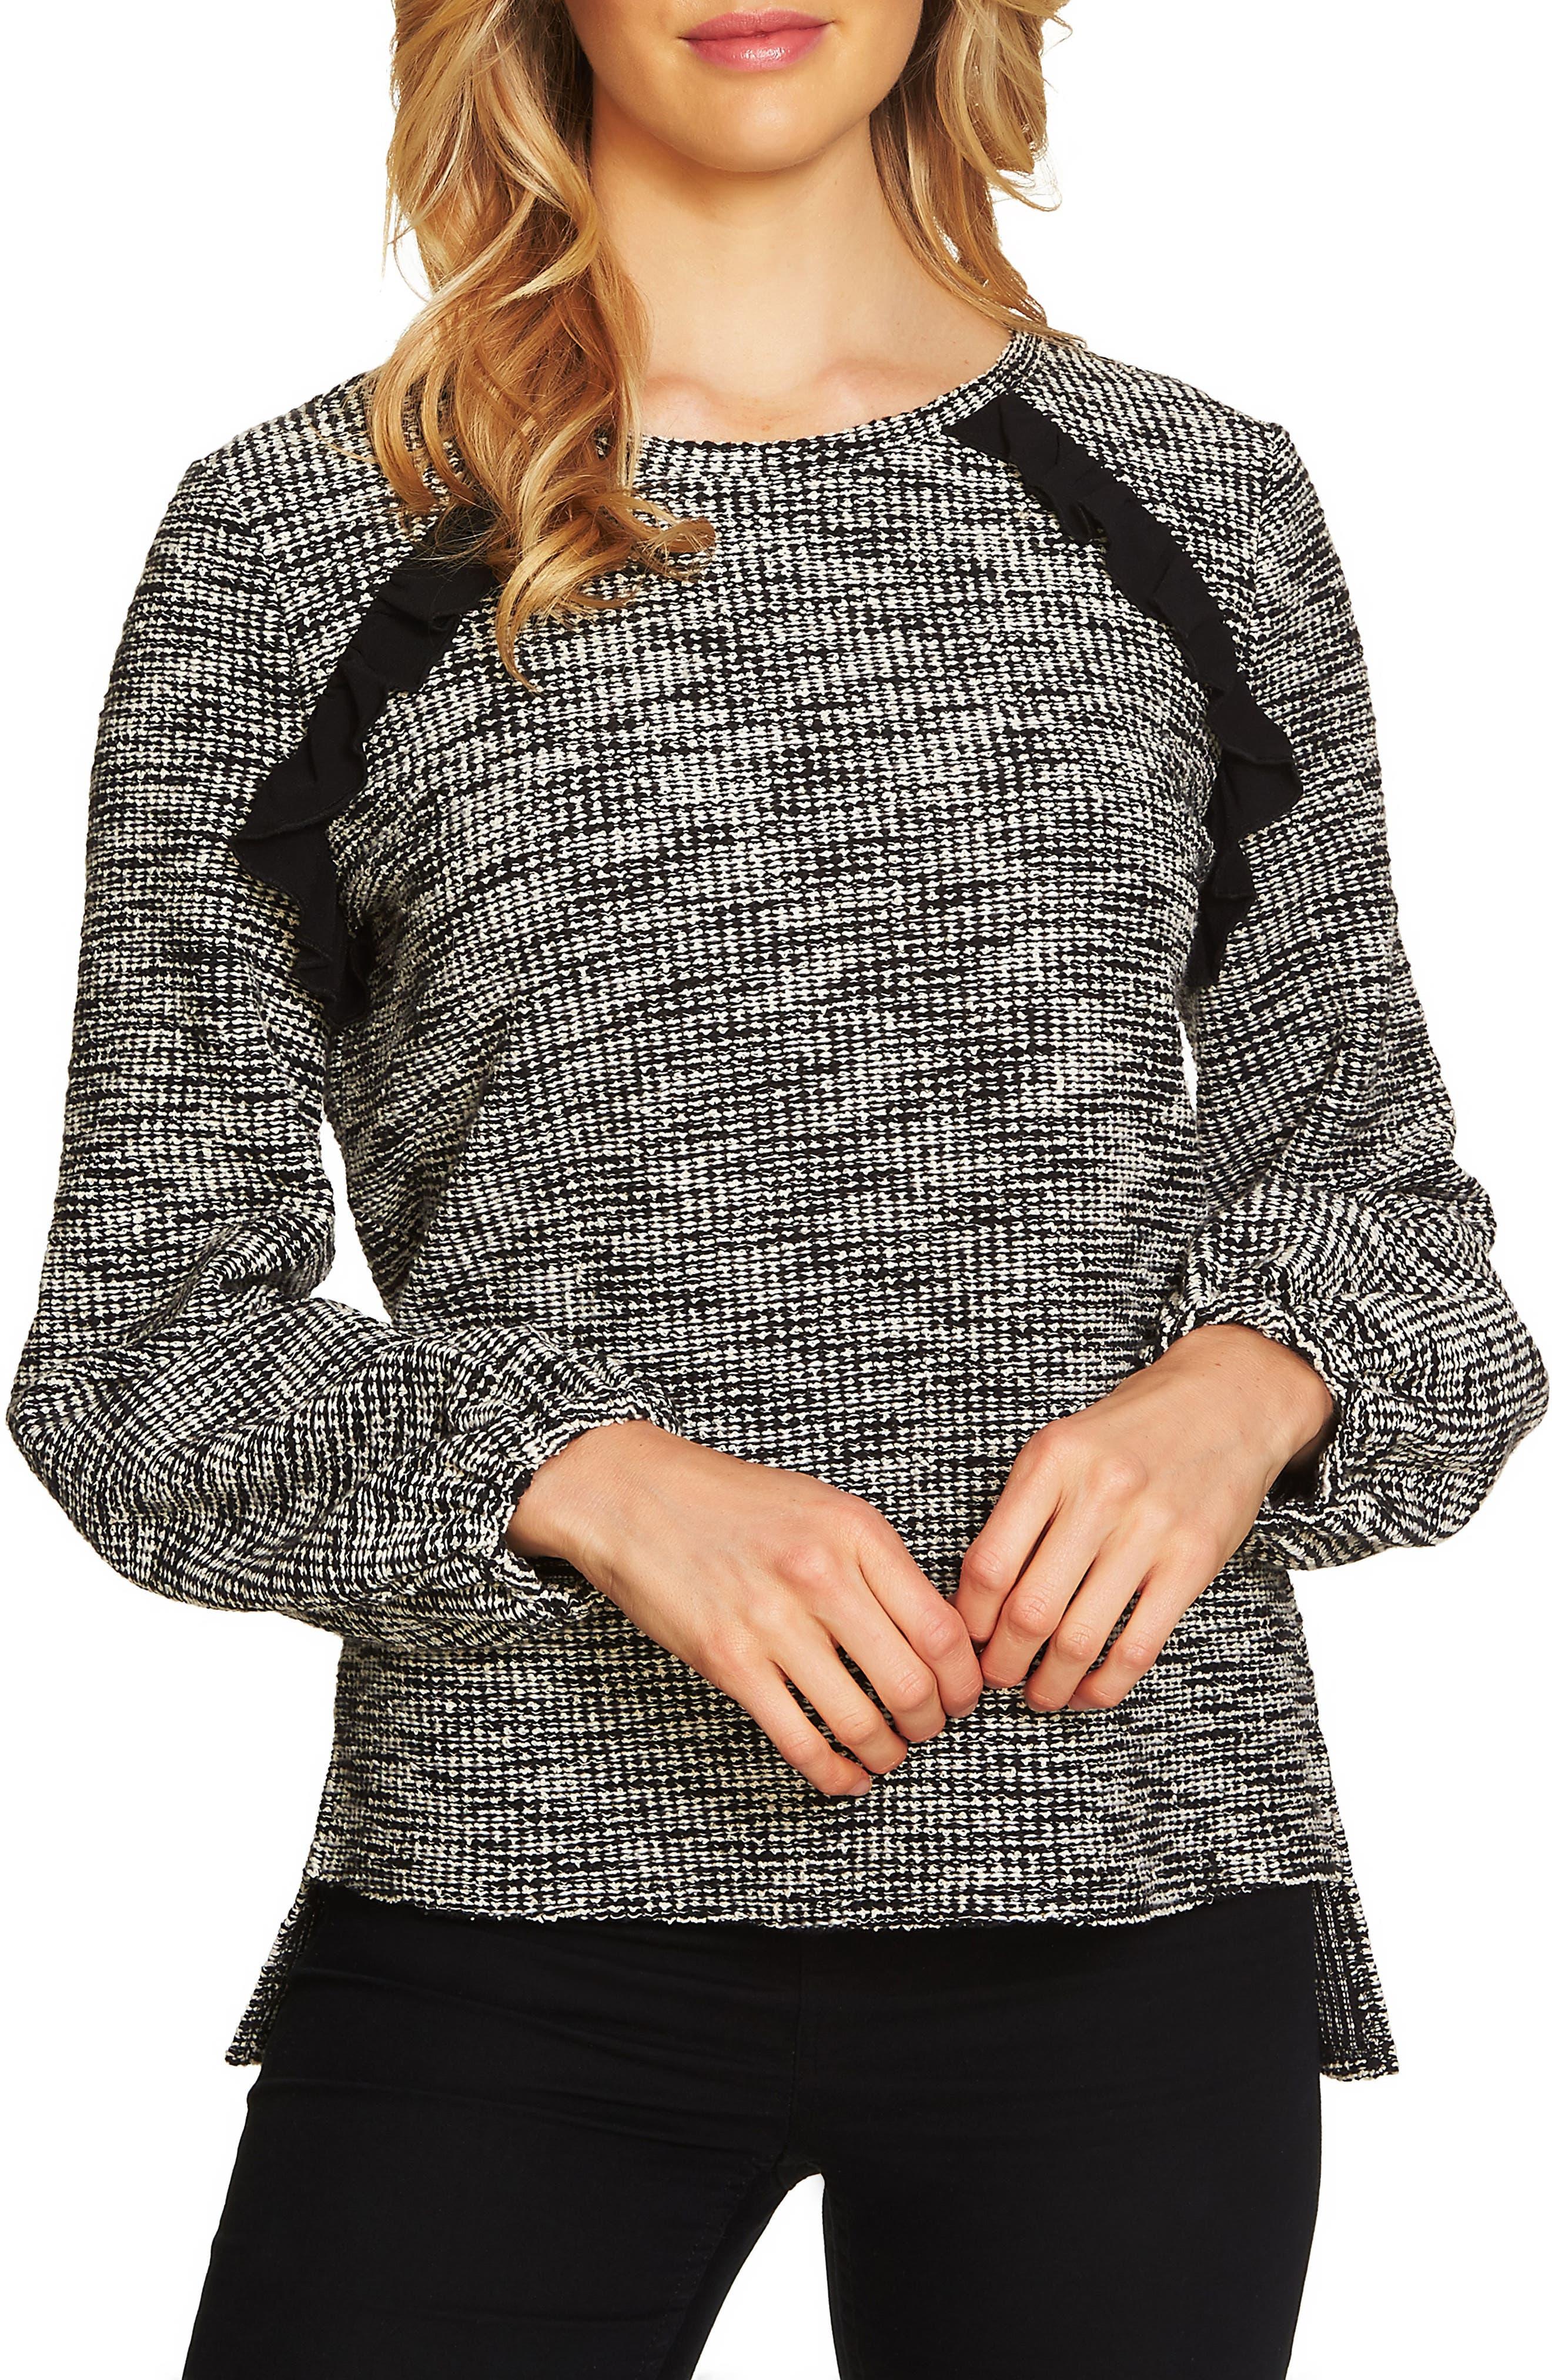 Tweedy Knit Top,                         Main,                         color,